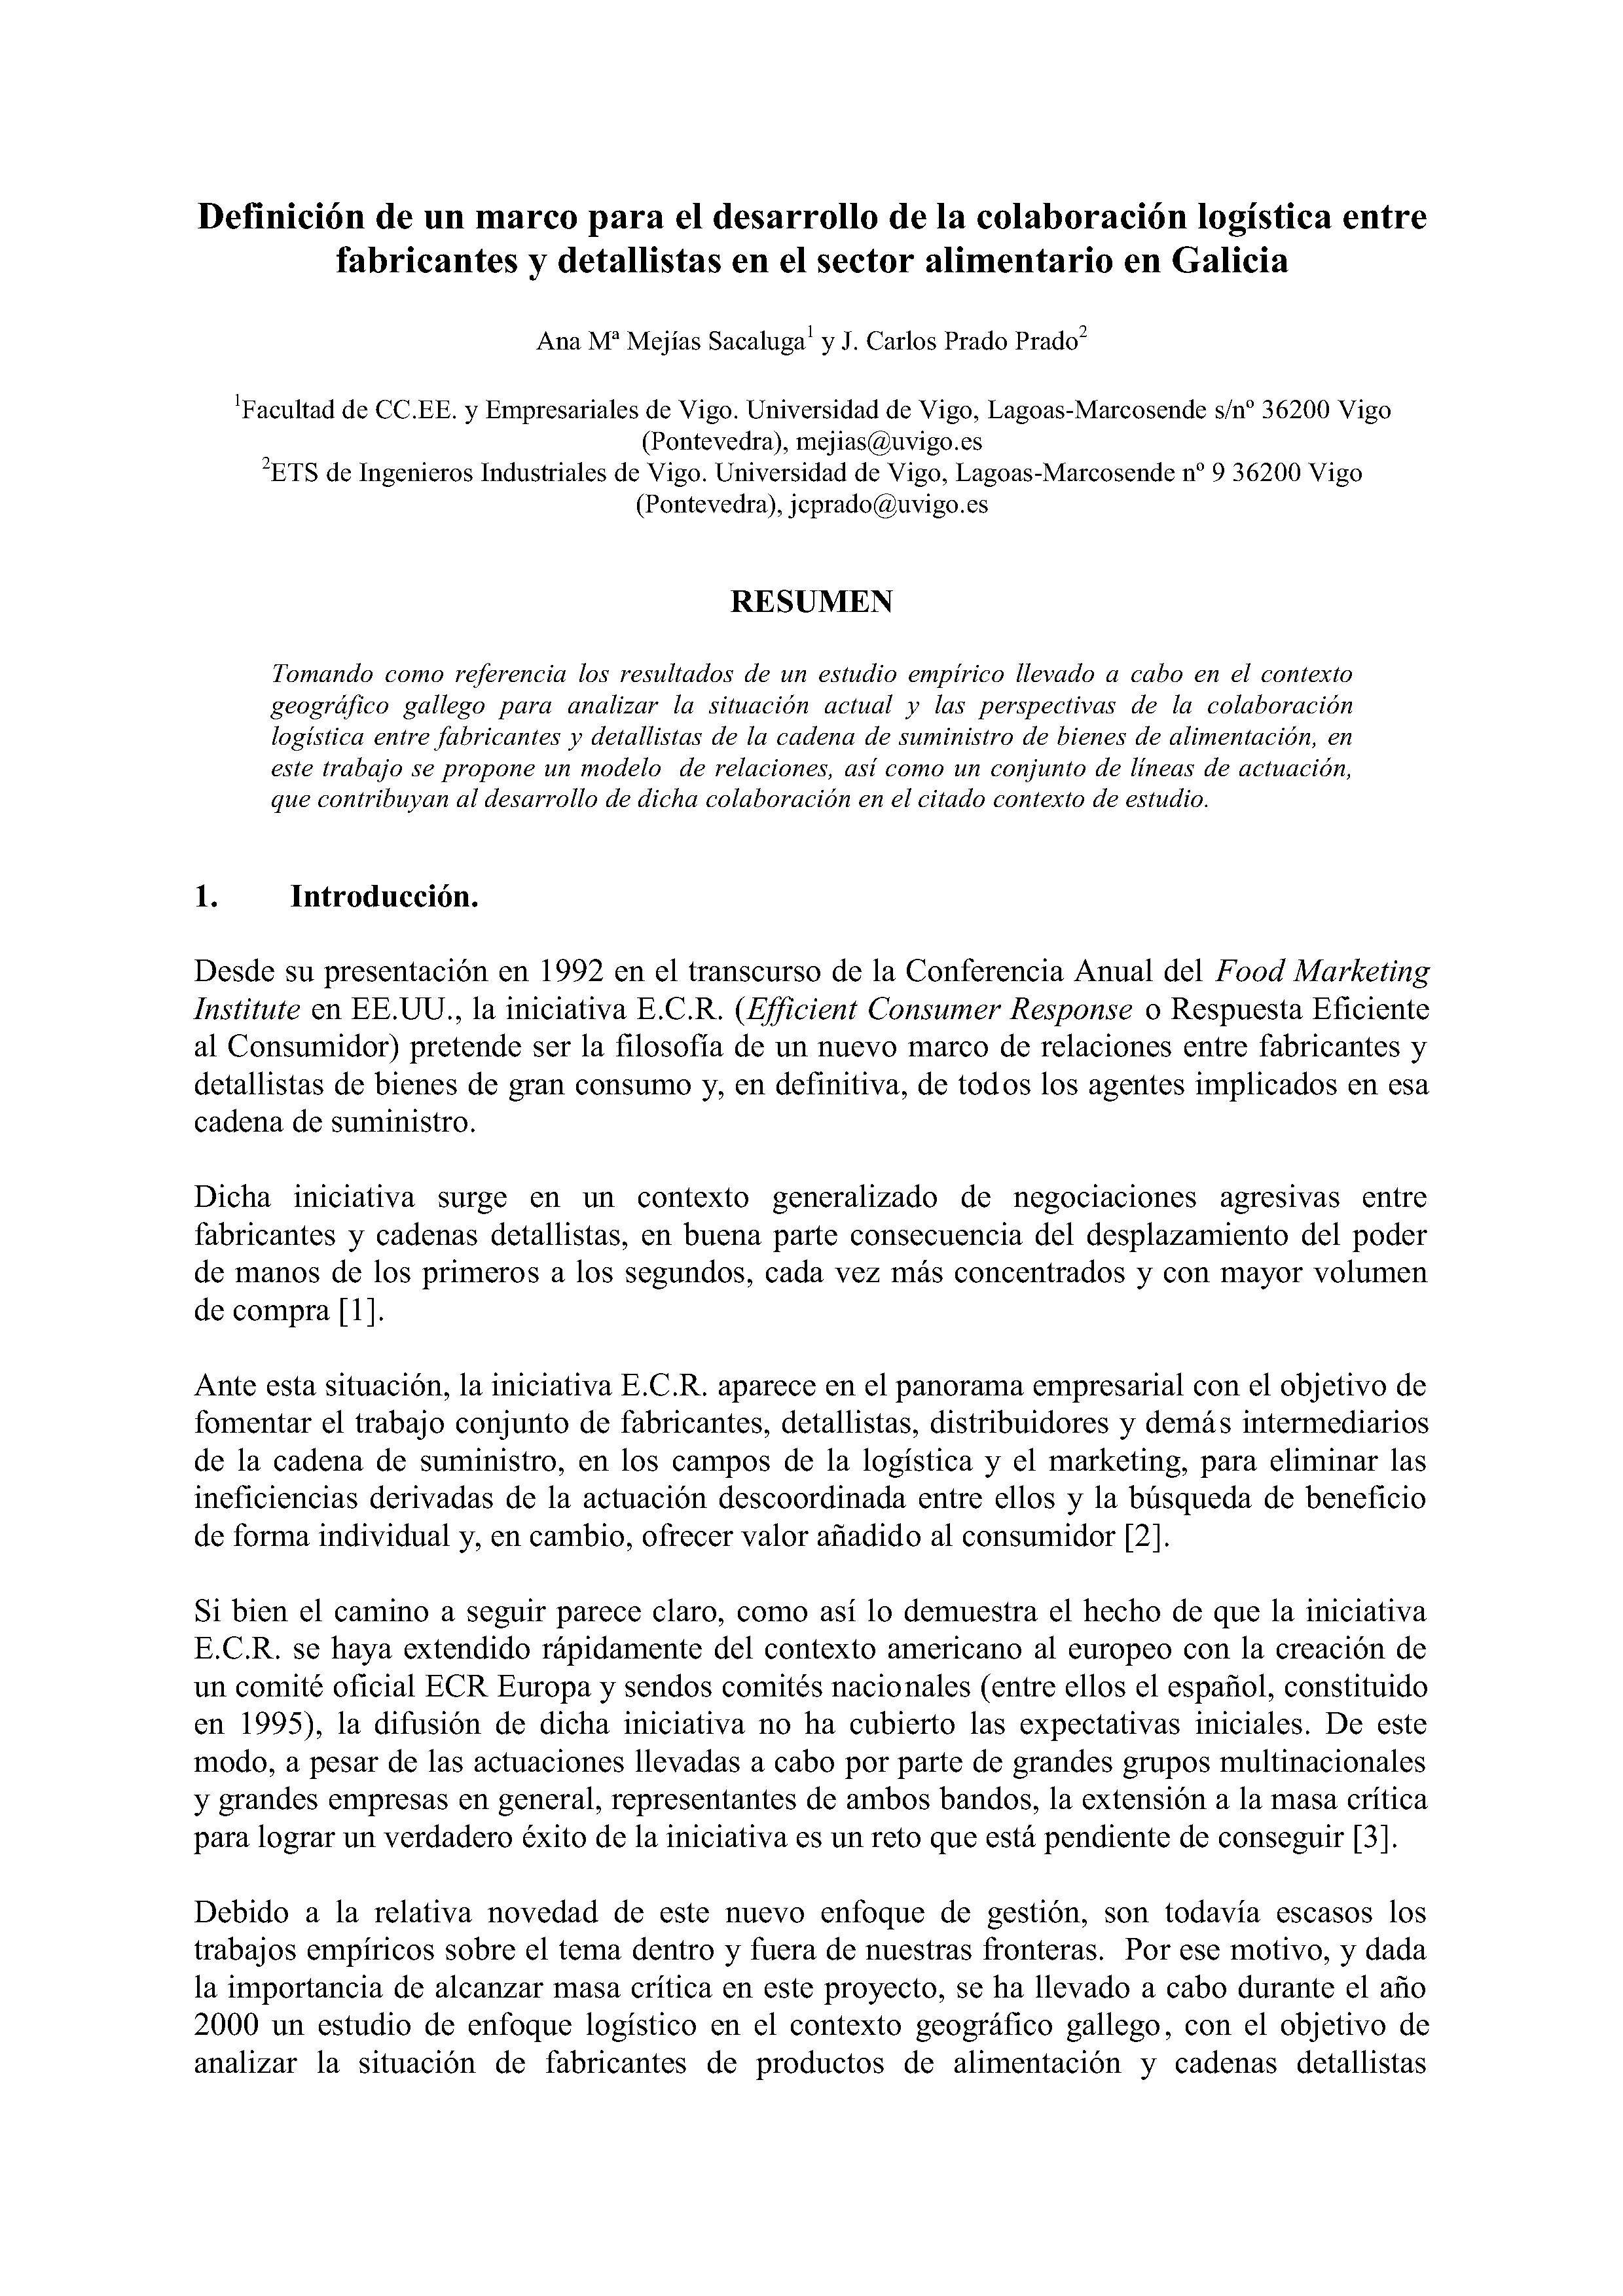 Definición de un marco para el desarrollo de la colaboración logística entre fabricantes y detallistas en el sector alimentario en Galicia